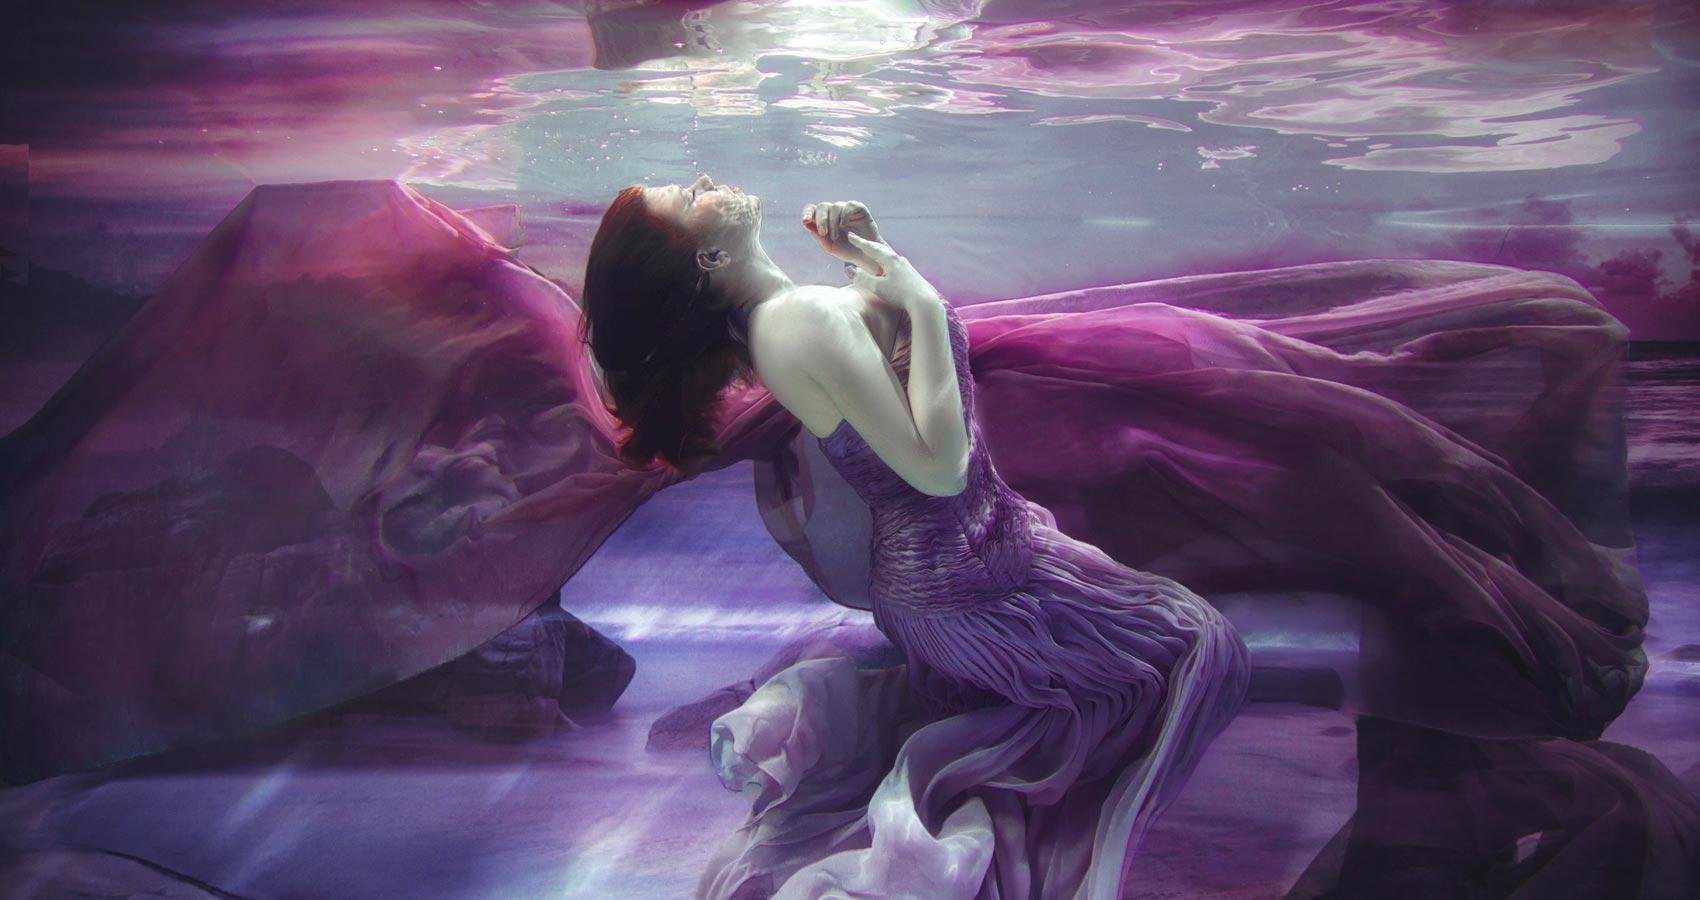 Underwater, poetry written by Ipsita Banerjee at Spillwords.com